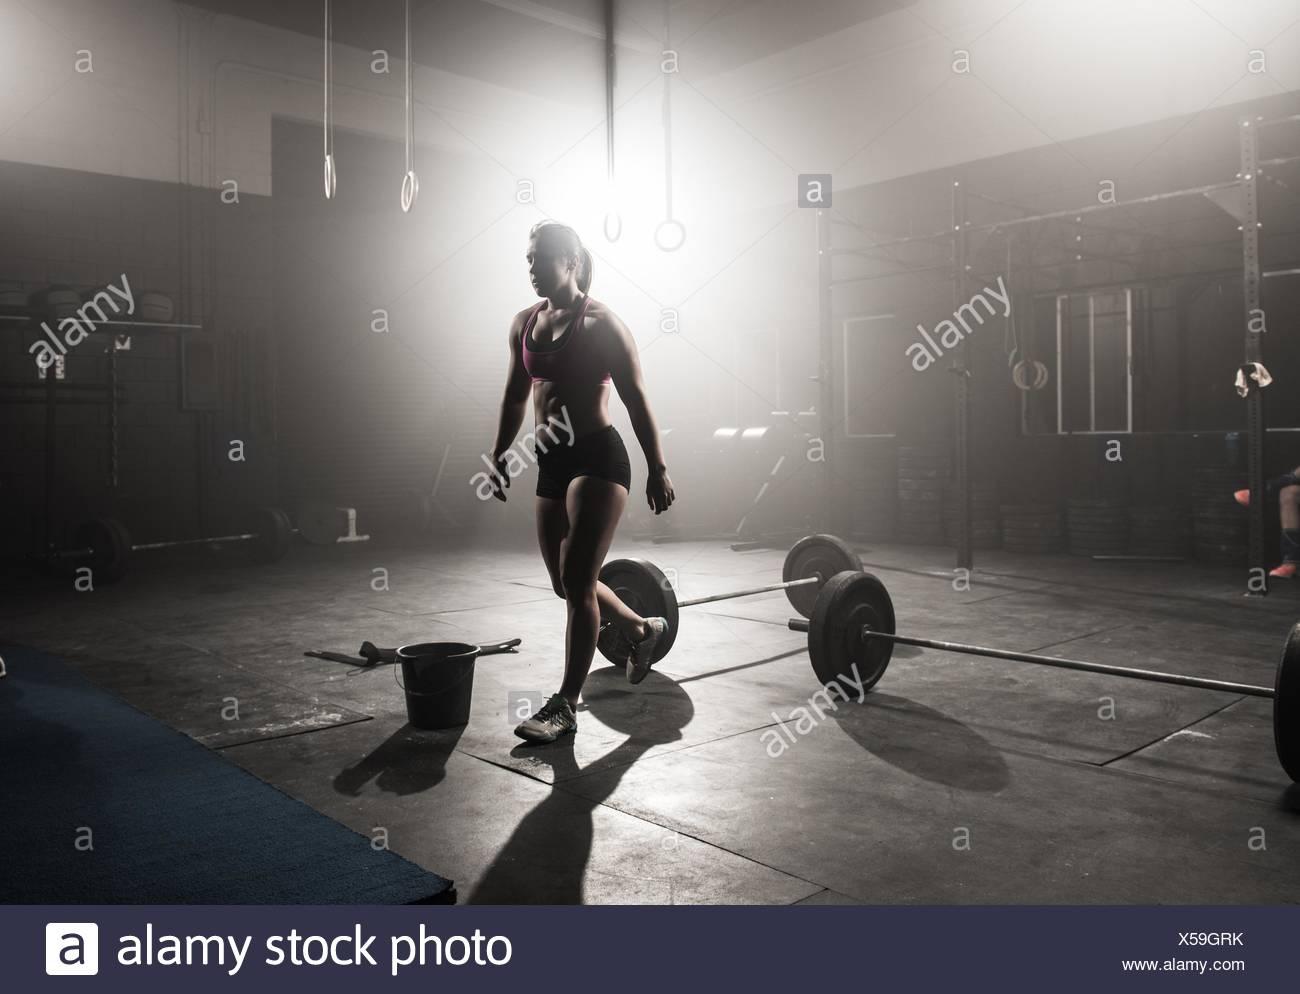 Junge Frau im Fitness-Studio trainieren Stockbild